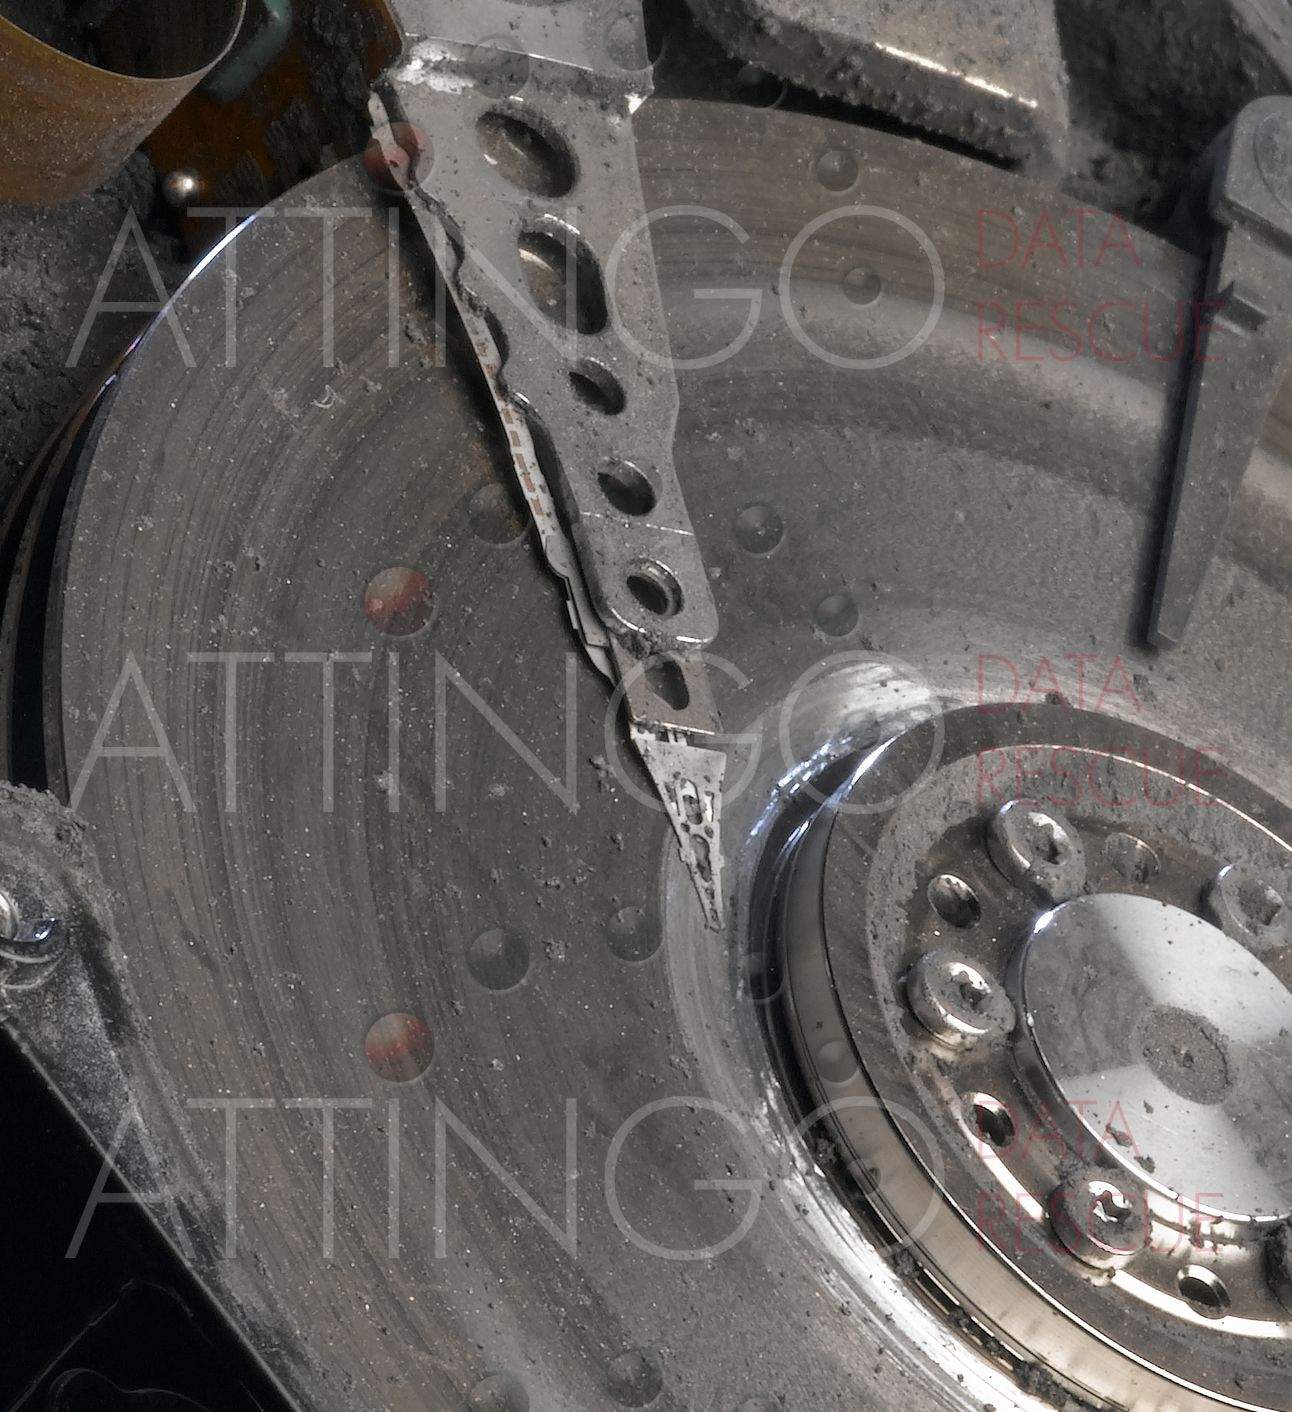 Foto: Attingo Datenrettung GmbH, (A) Wien